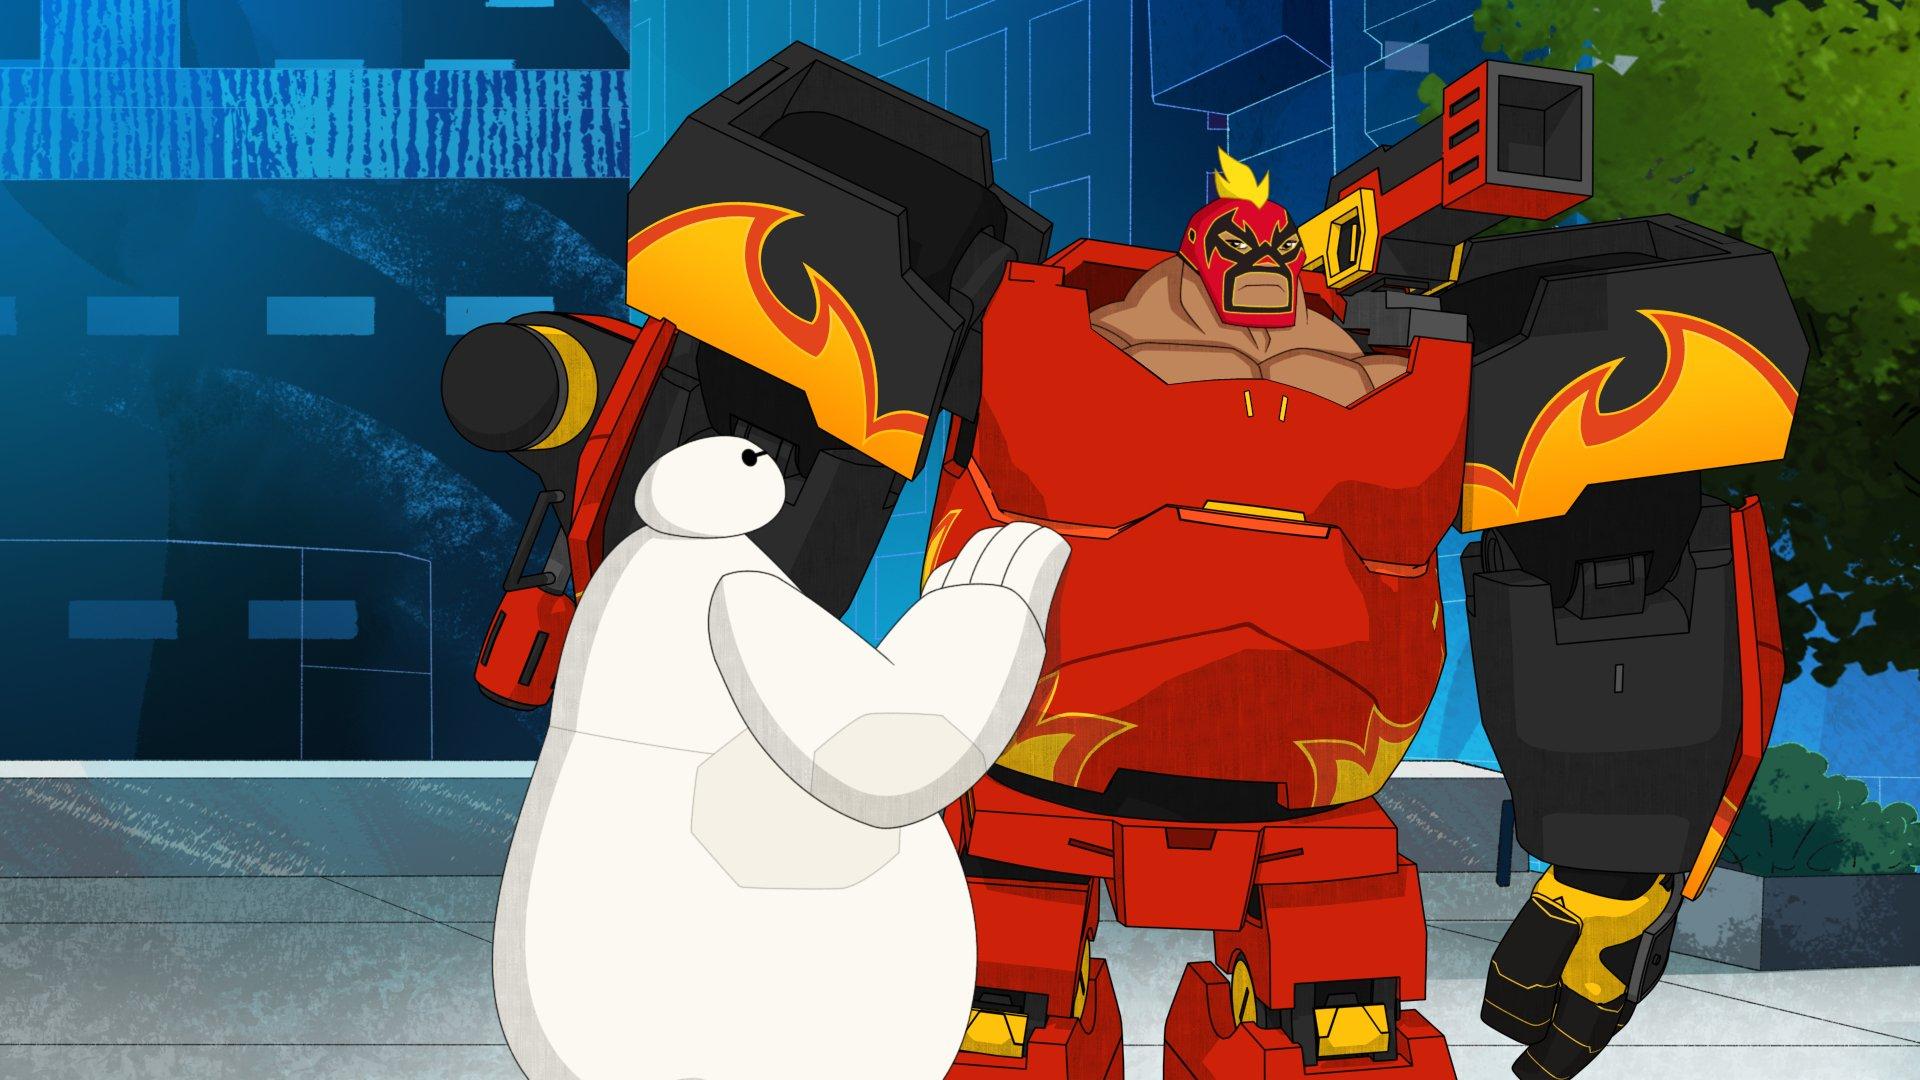 el fuego big hero 6 wiki fandom